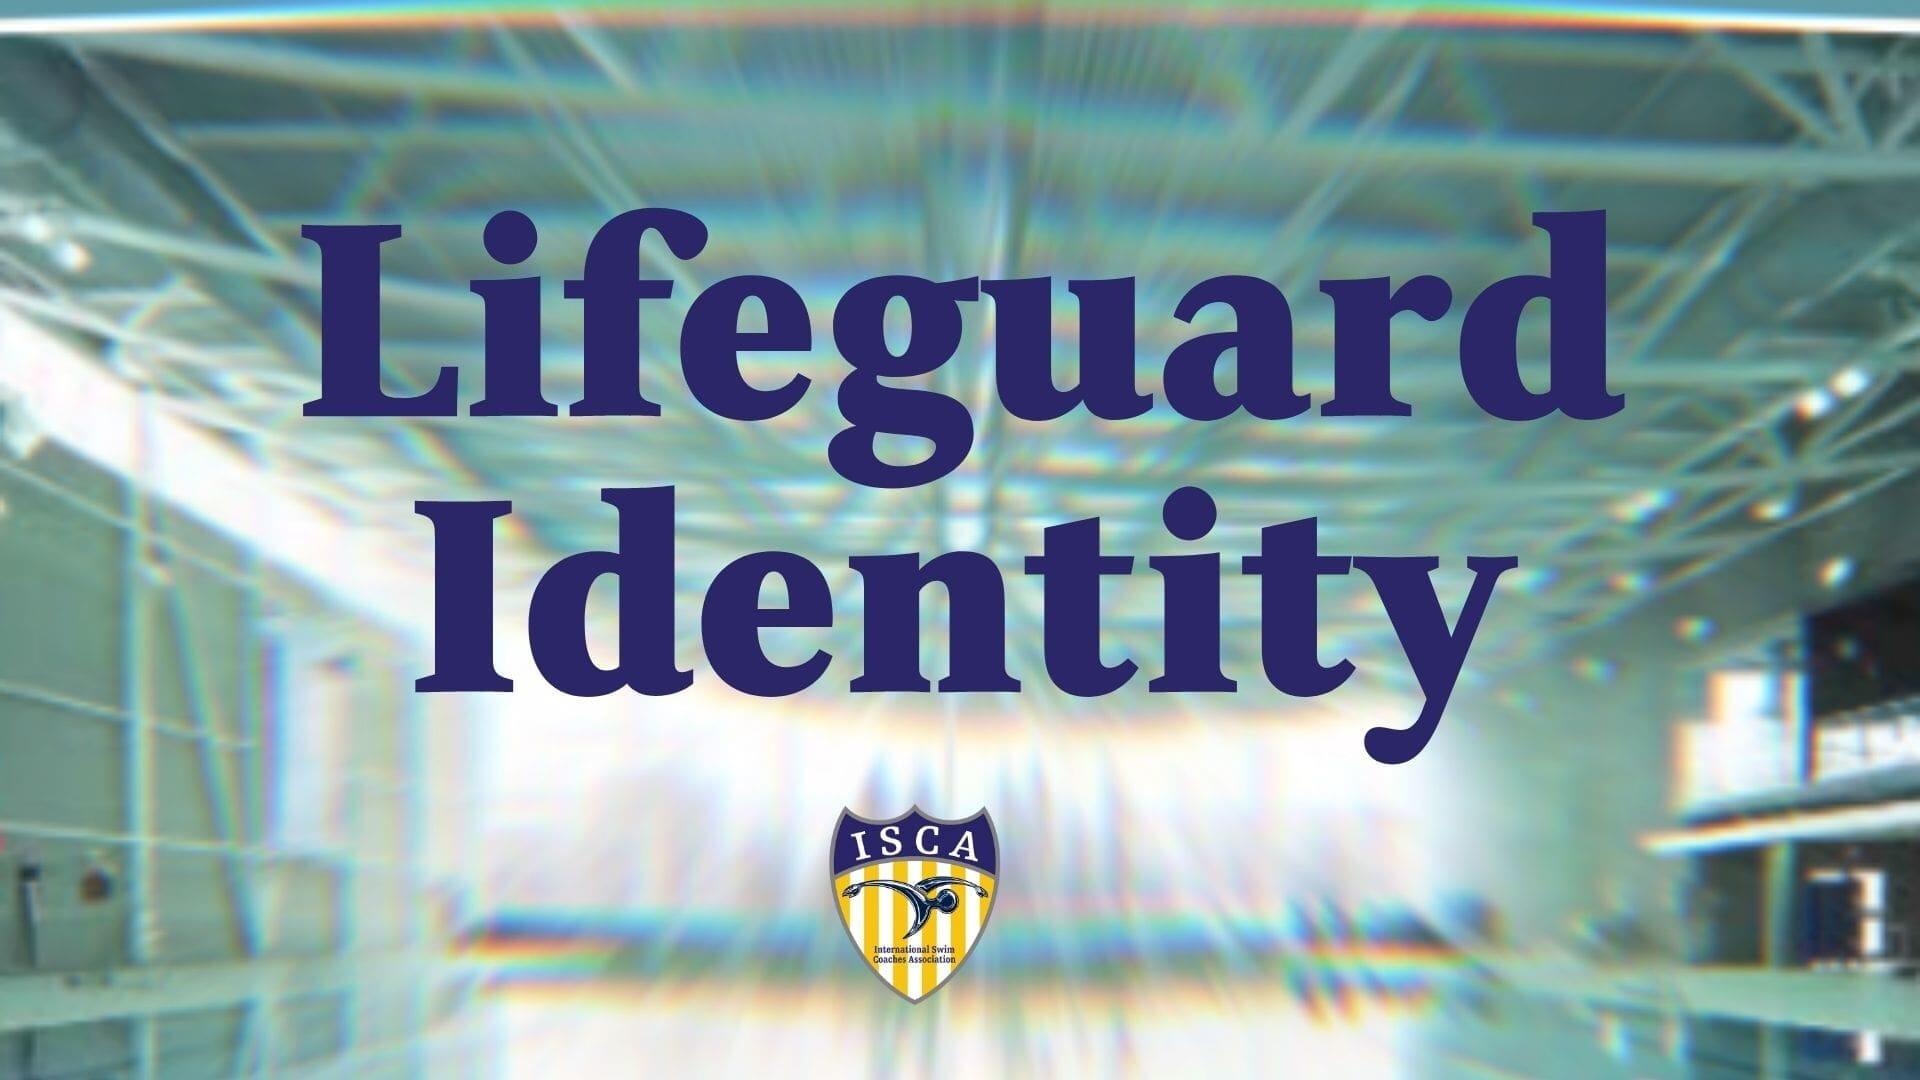 Lifeguard Inentity